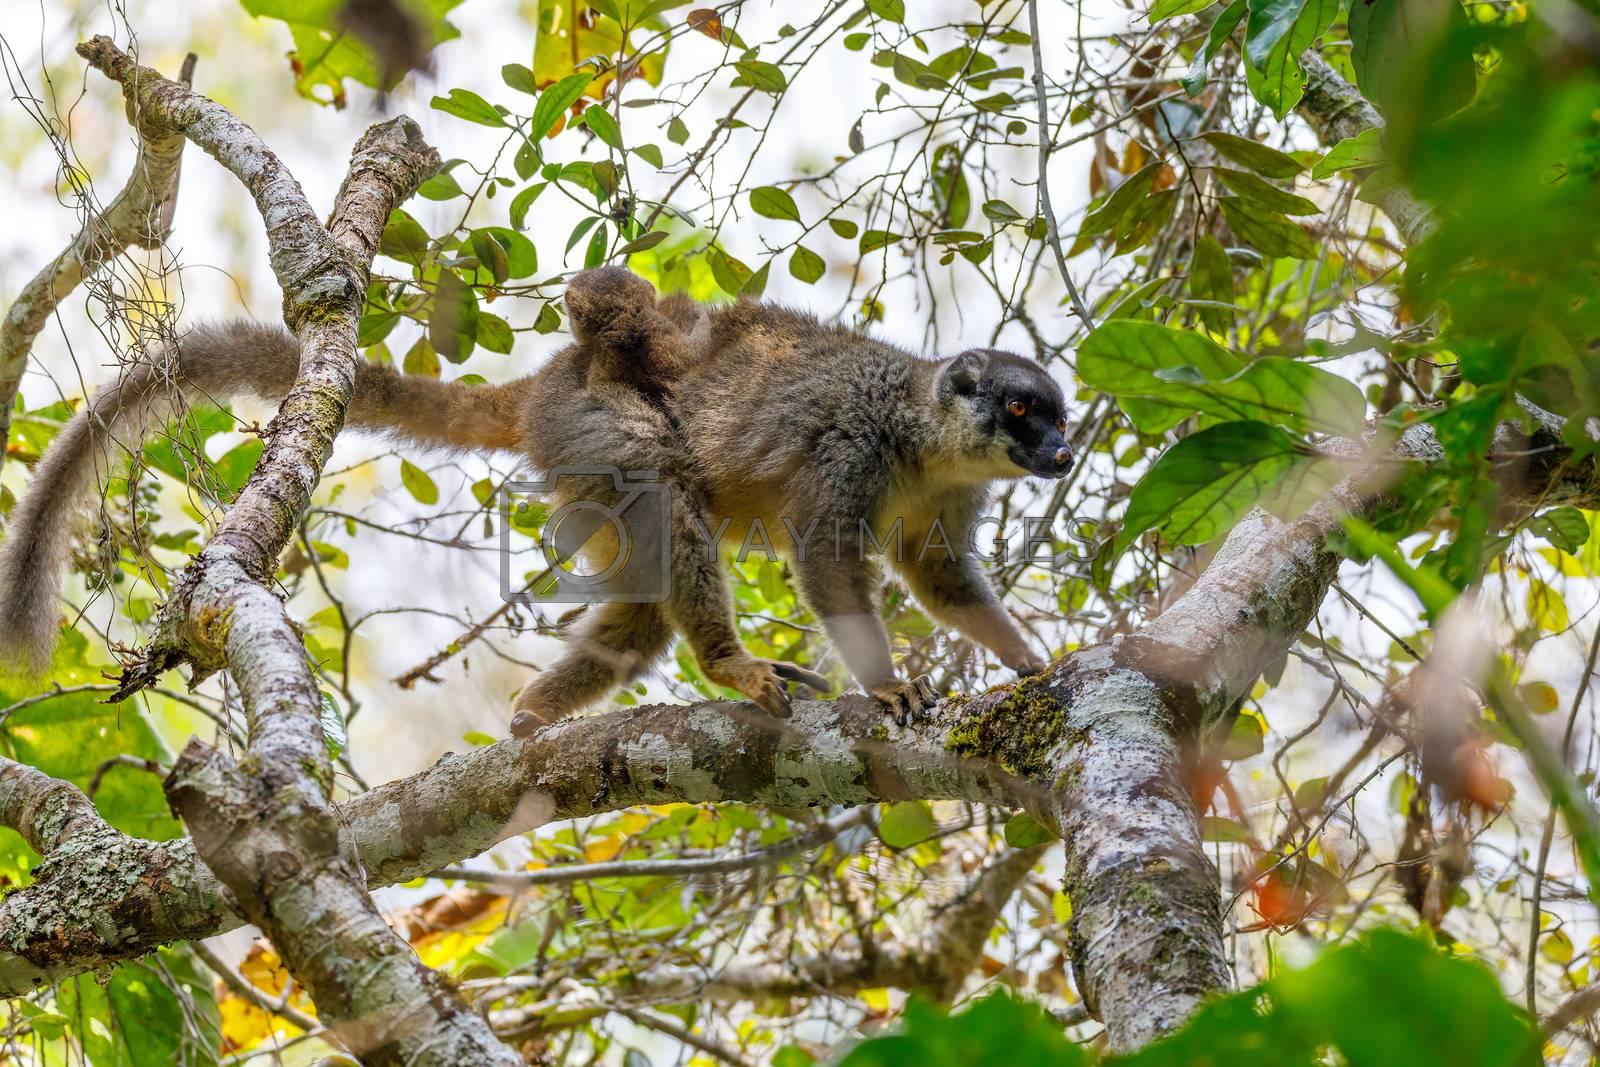 Common brown lemur (Eulemur fulvus) in natural habitat, Female with baby on back. Andasibe - Analamazaotra National Park, Madagascar wildlife